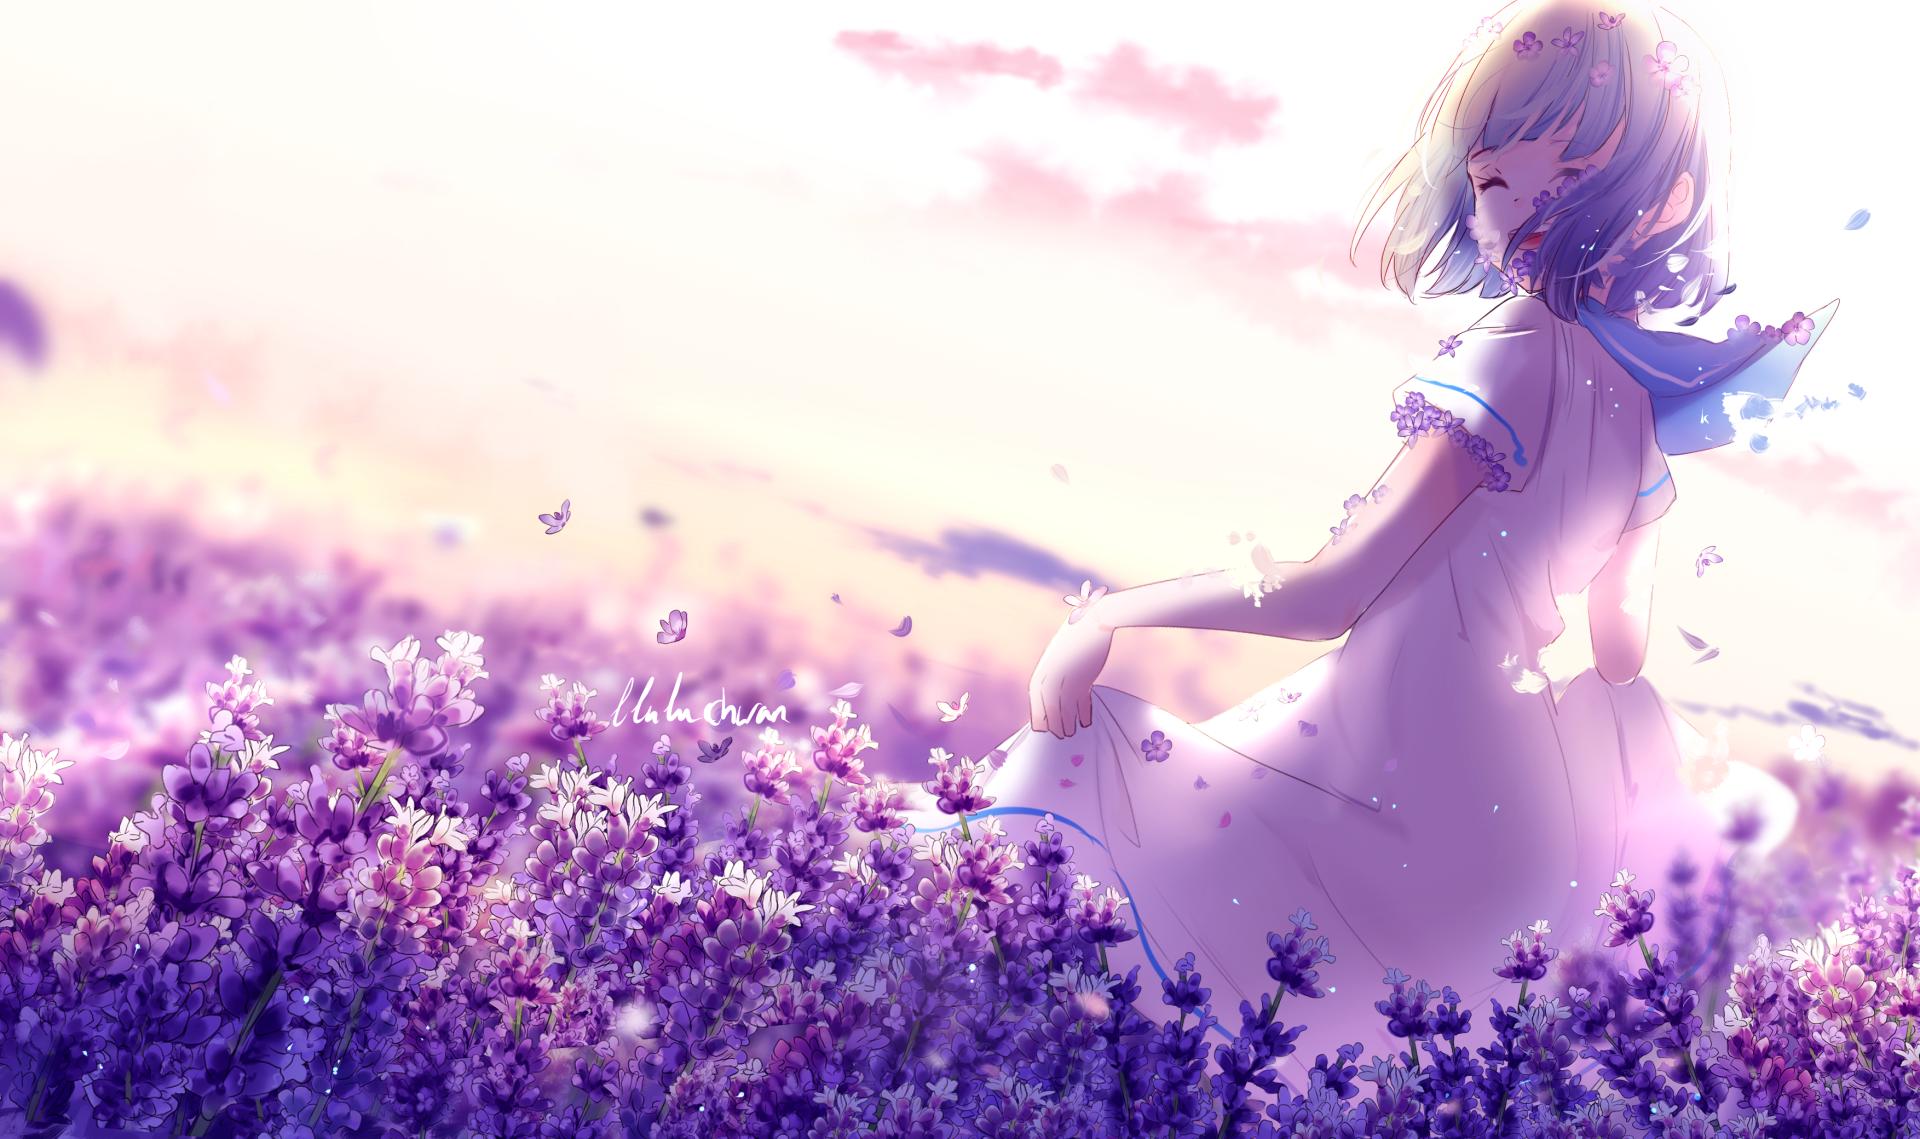 Anime - Original  Dress Flower Girl Short Hair Butterfly Wallpaper